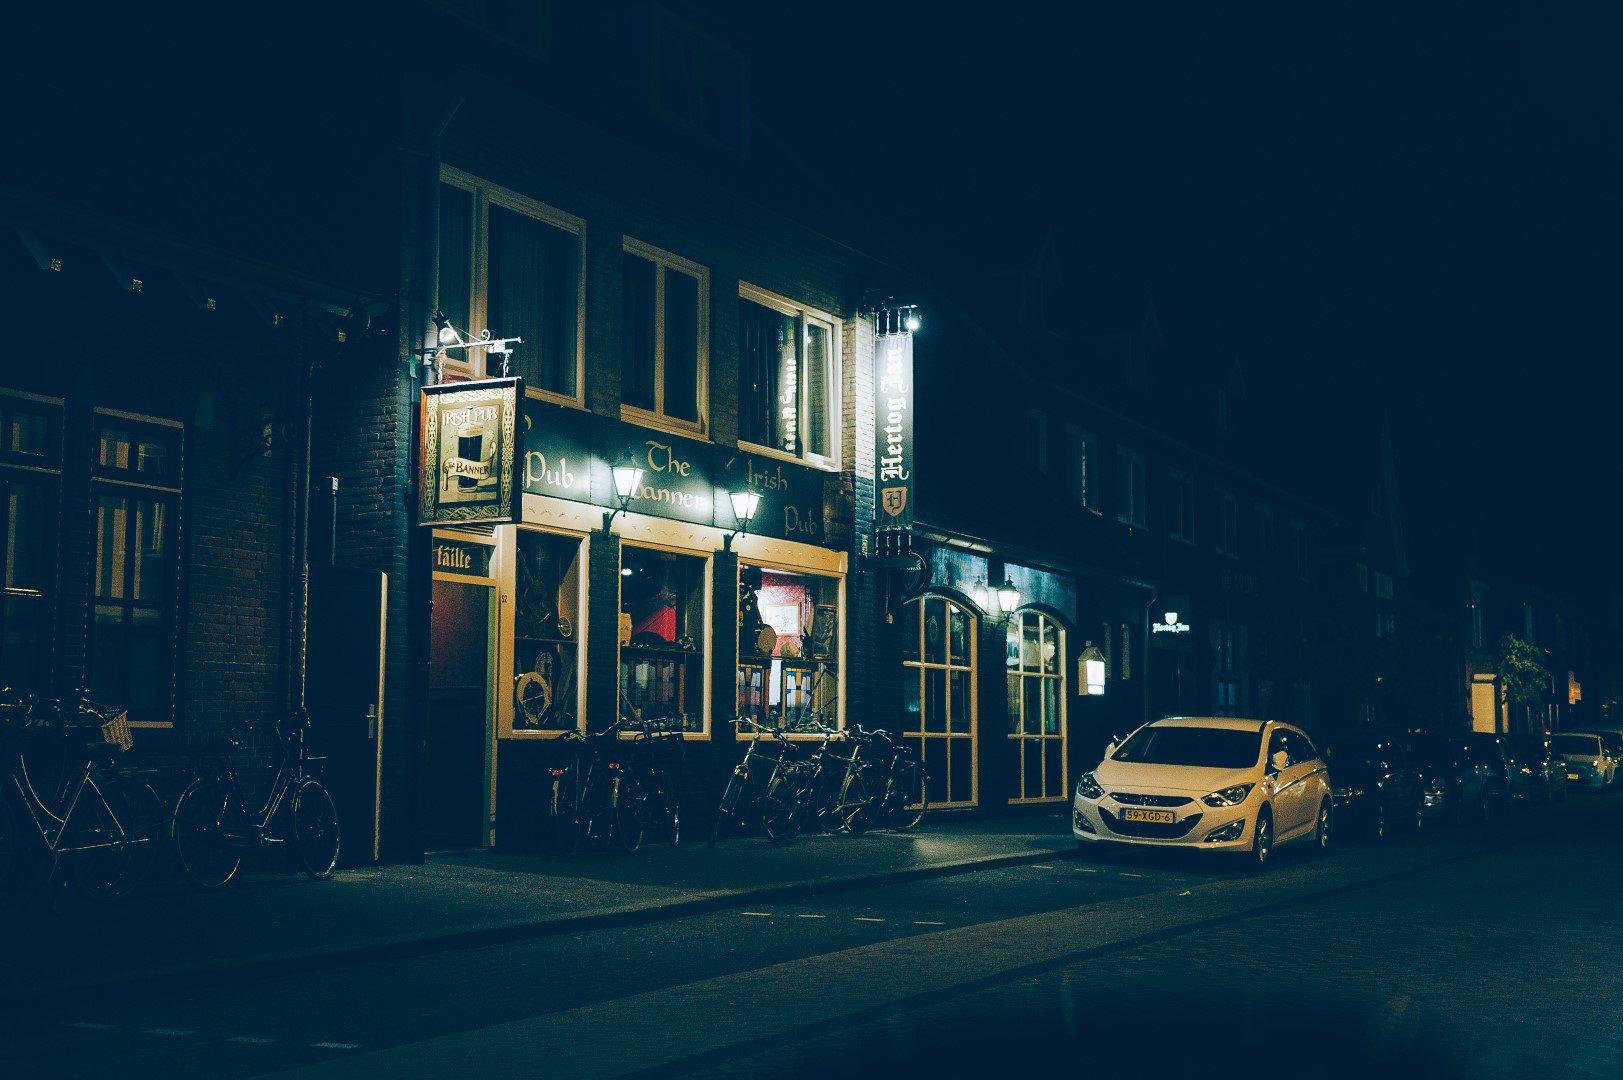 Irish pub the banner & Eetcafé